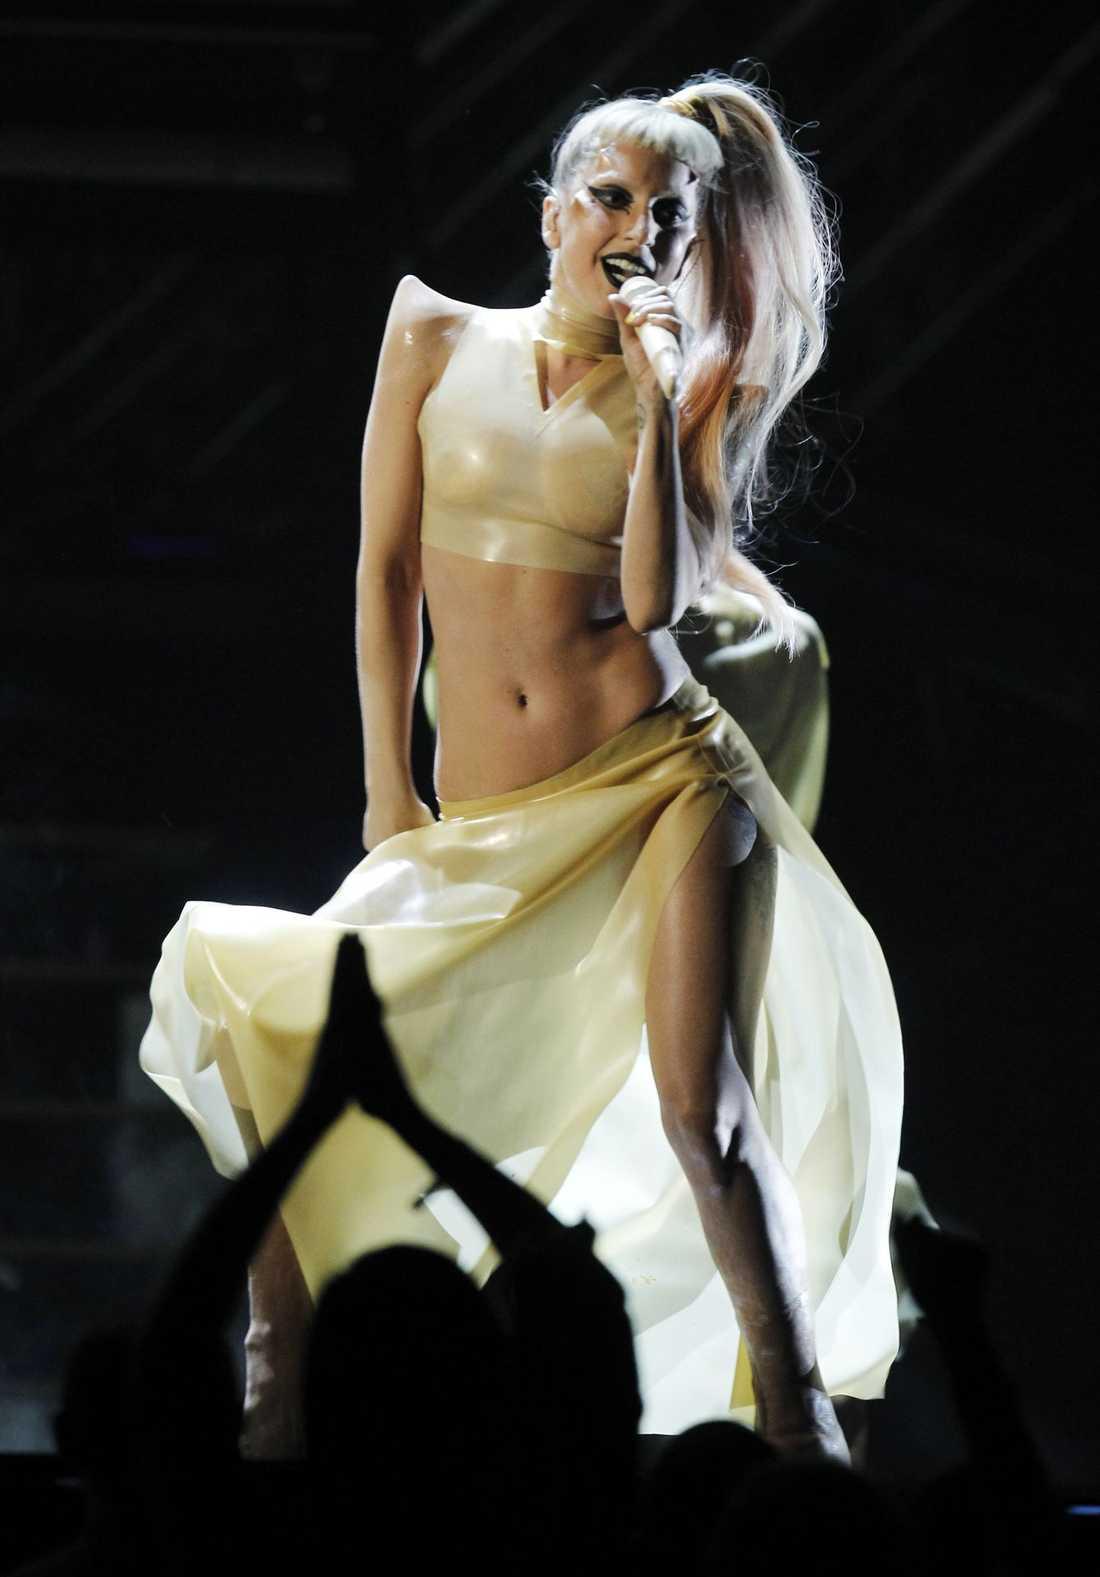 När GaGa väl kom till liv på sen var det klädd i ytterst lätta plagg.